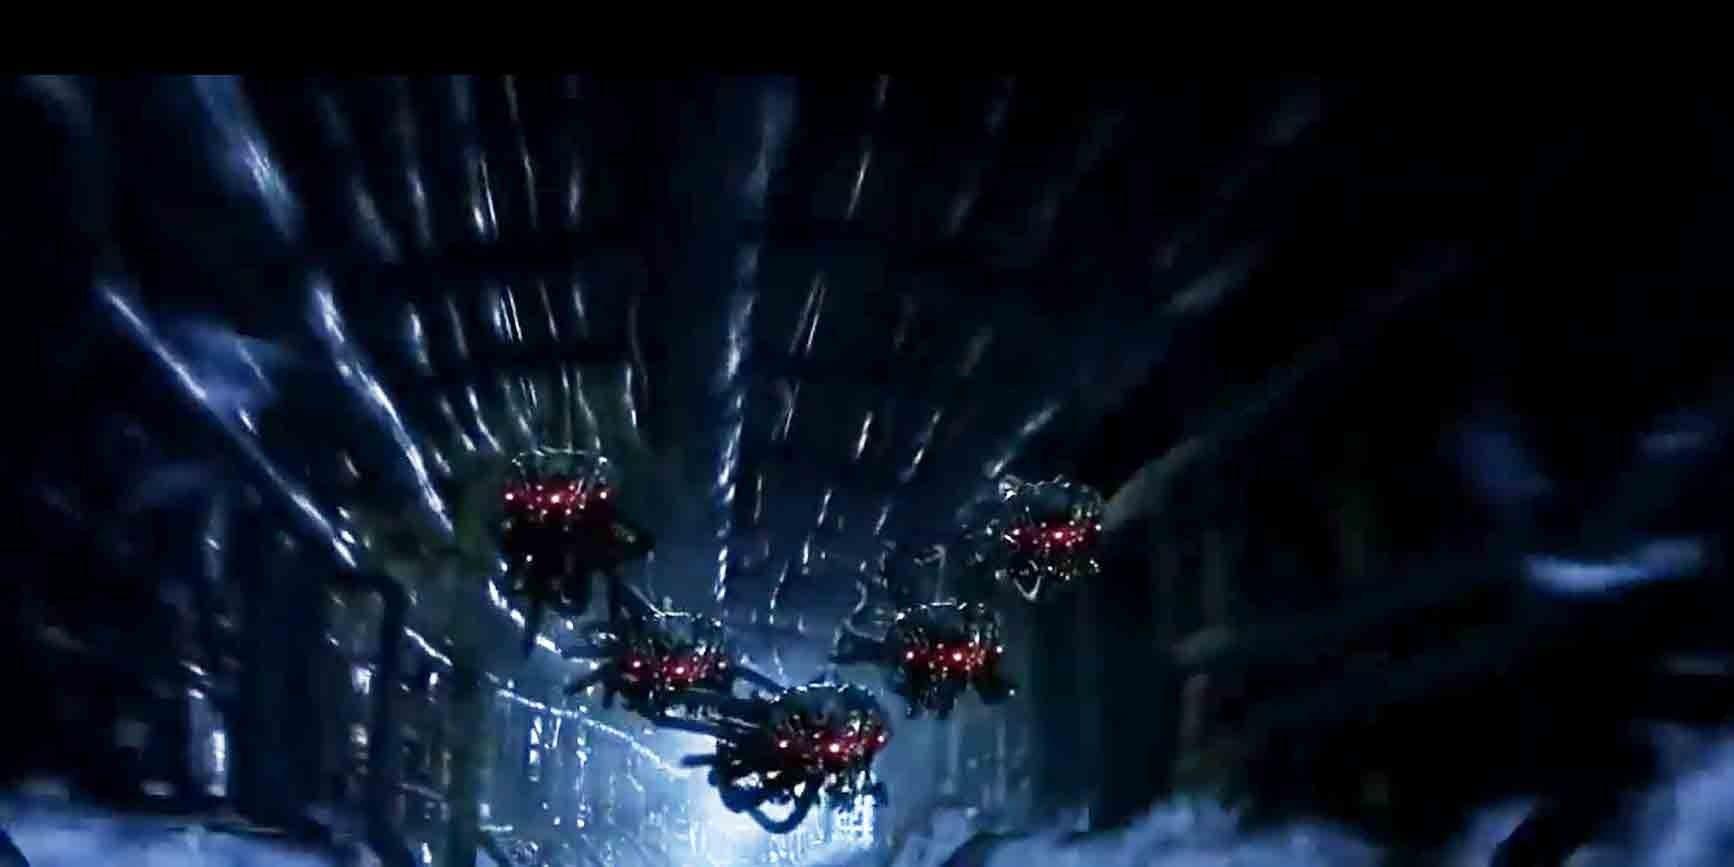 Matrix Reloaded: 5 efeitos especiais que sobreviveram ao tempo (e 5 que não) 4